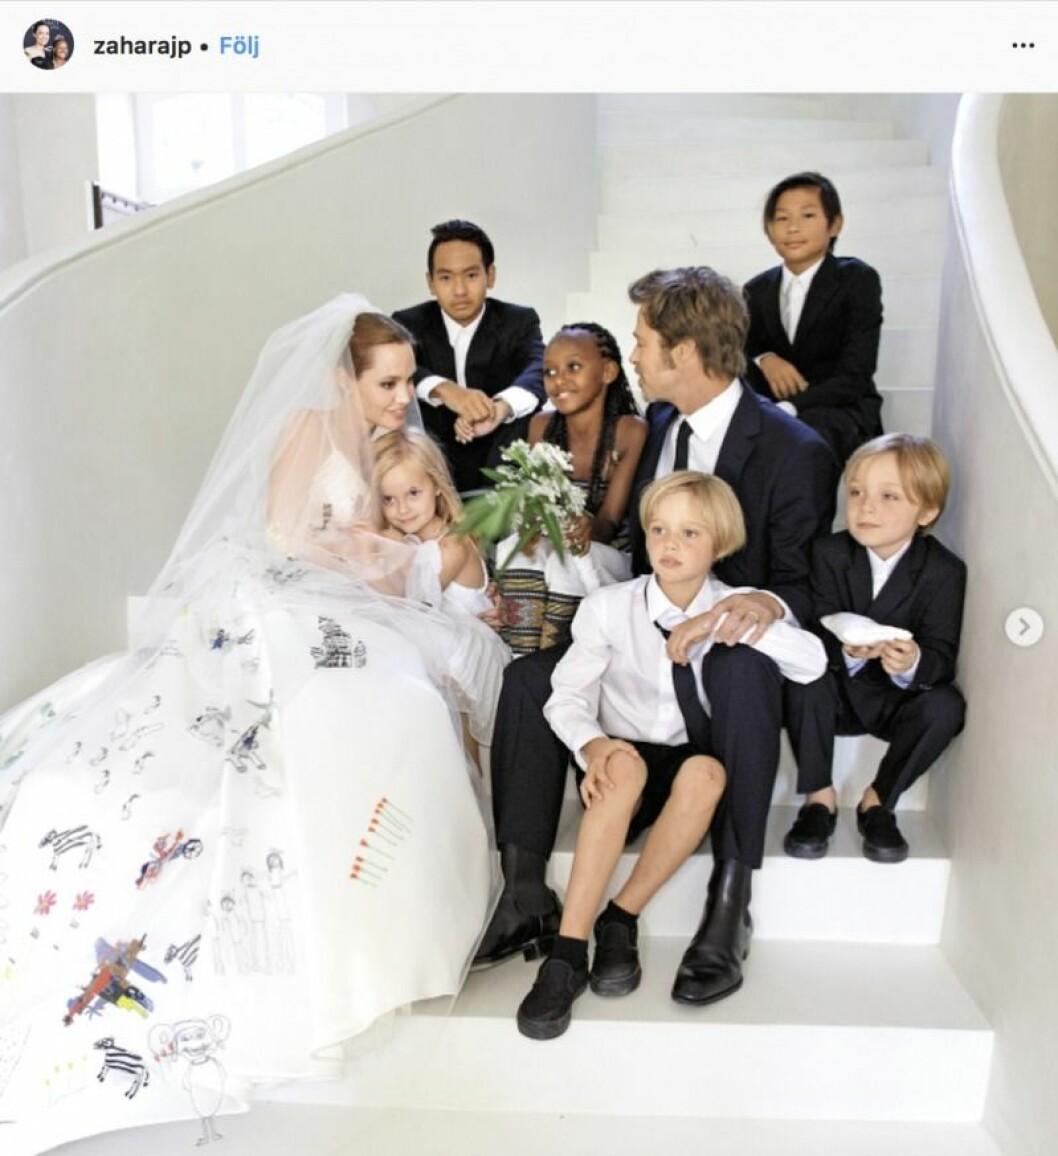 Brad Pitt och Angelina Jolie sitter i en vit trapp med alla sina barn och Angelina Jolie har en brudklänning på sig